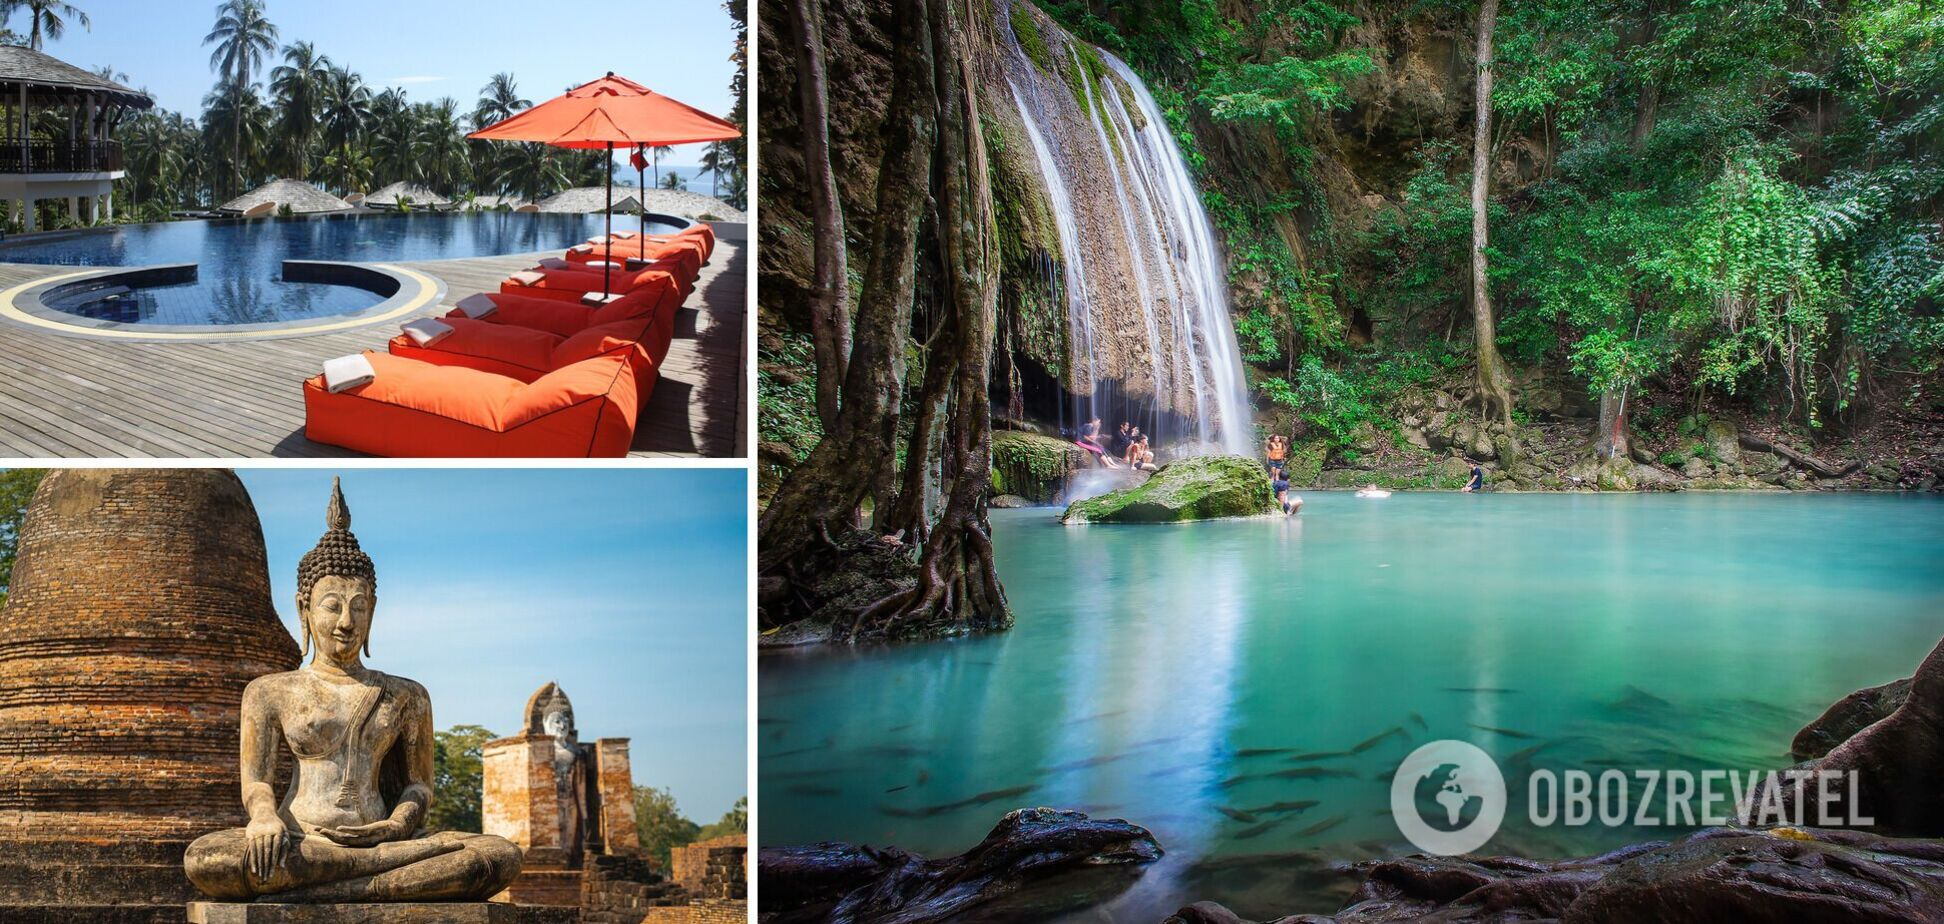 Отпуск в Таиланде: лайфхаки, цены, обзоры курортов